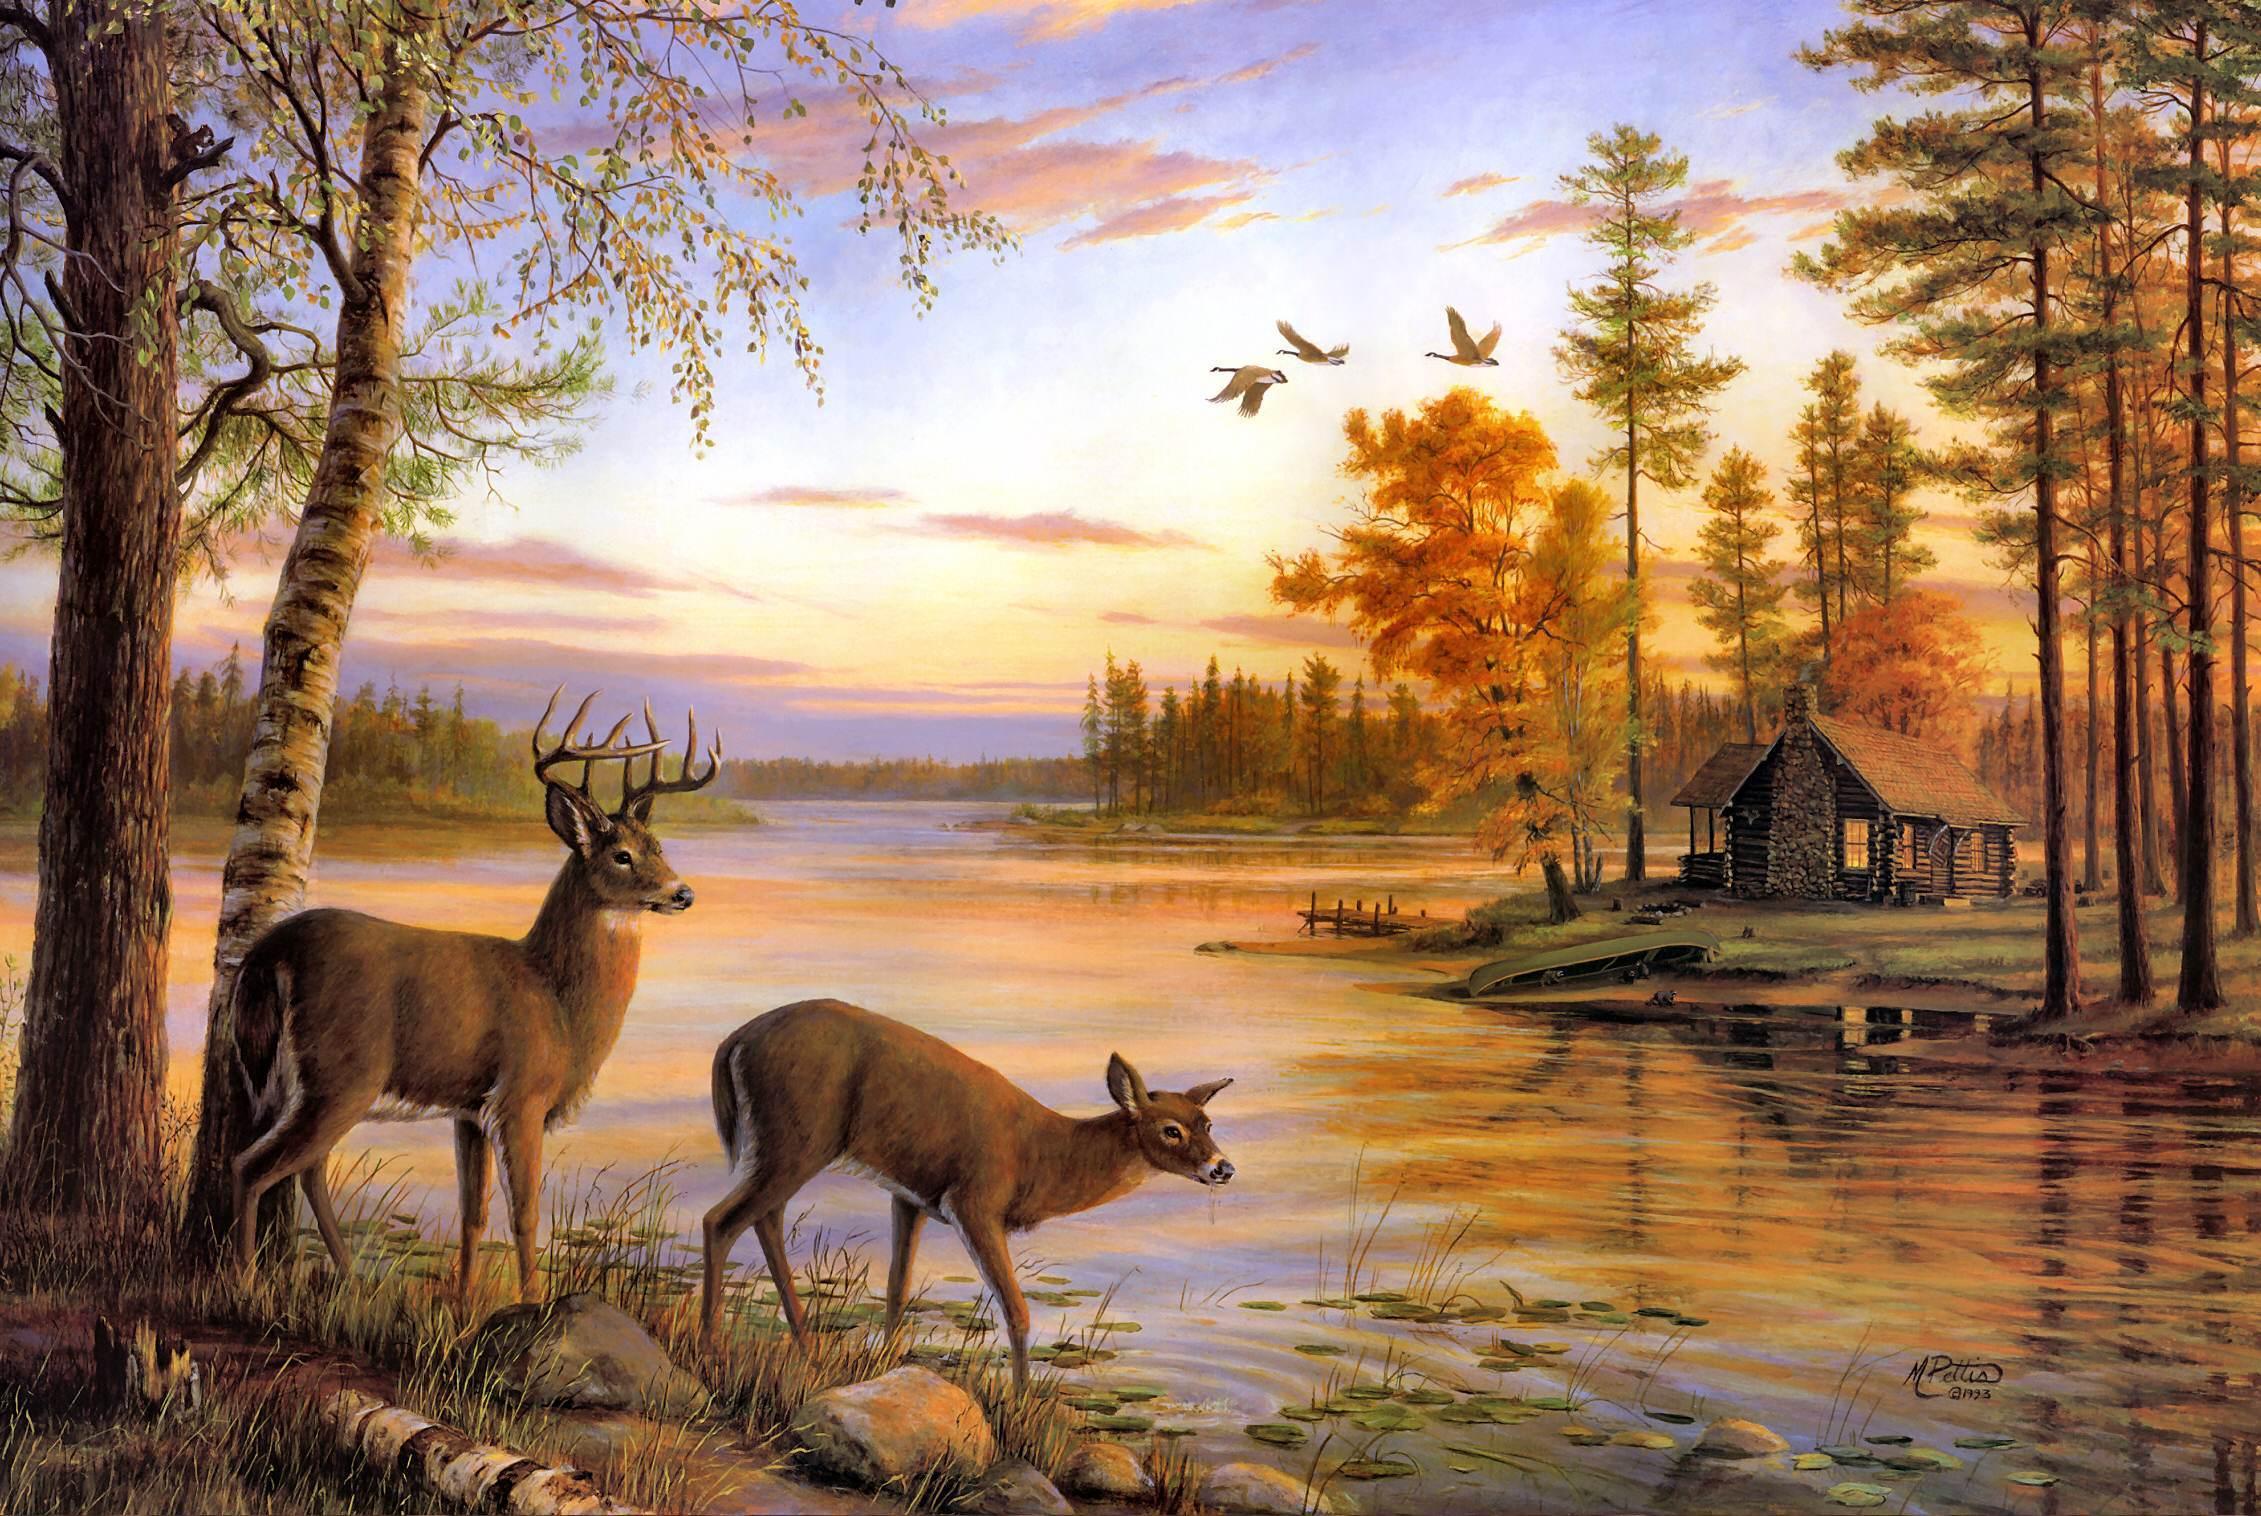 Картинка пейзаж природы с животным